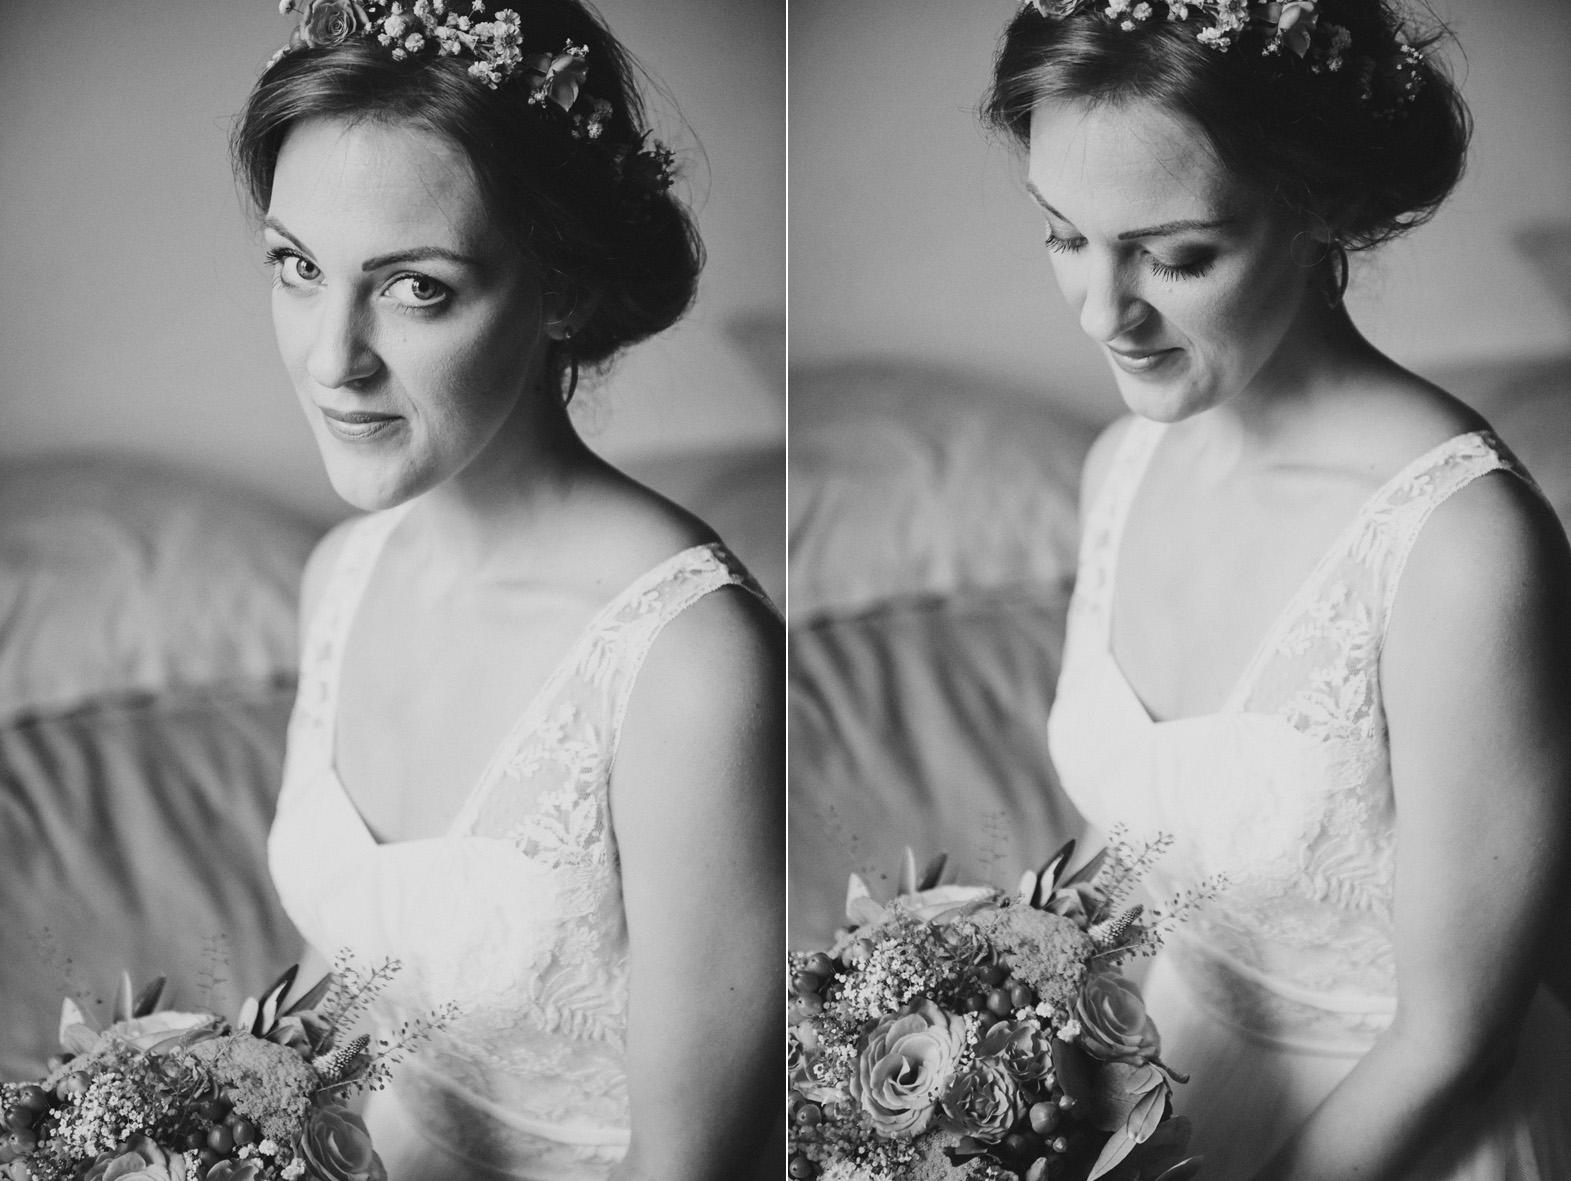 mariage_LW_domaine de la Pepiniere_seine-et-marne_77_photographie_clemence_dubois MEP1